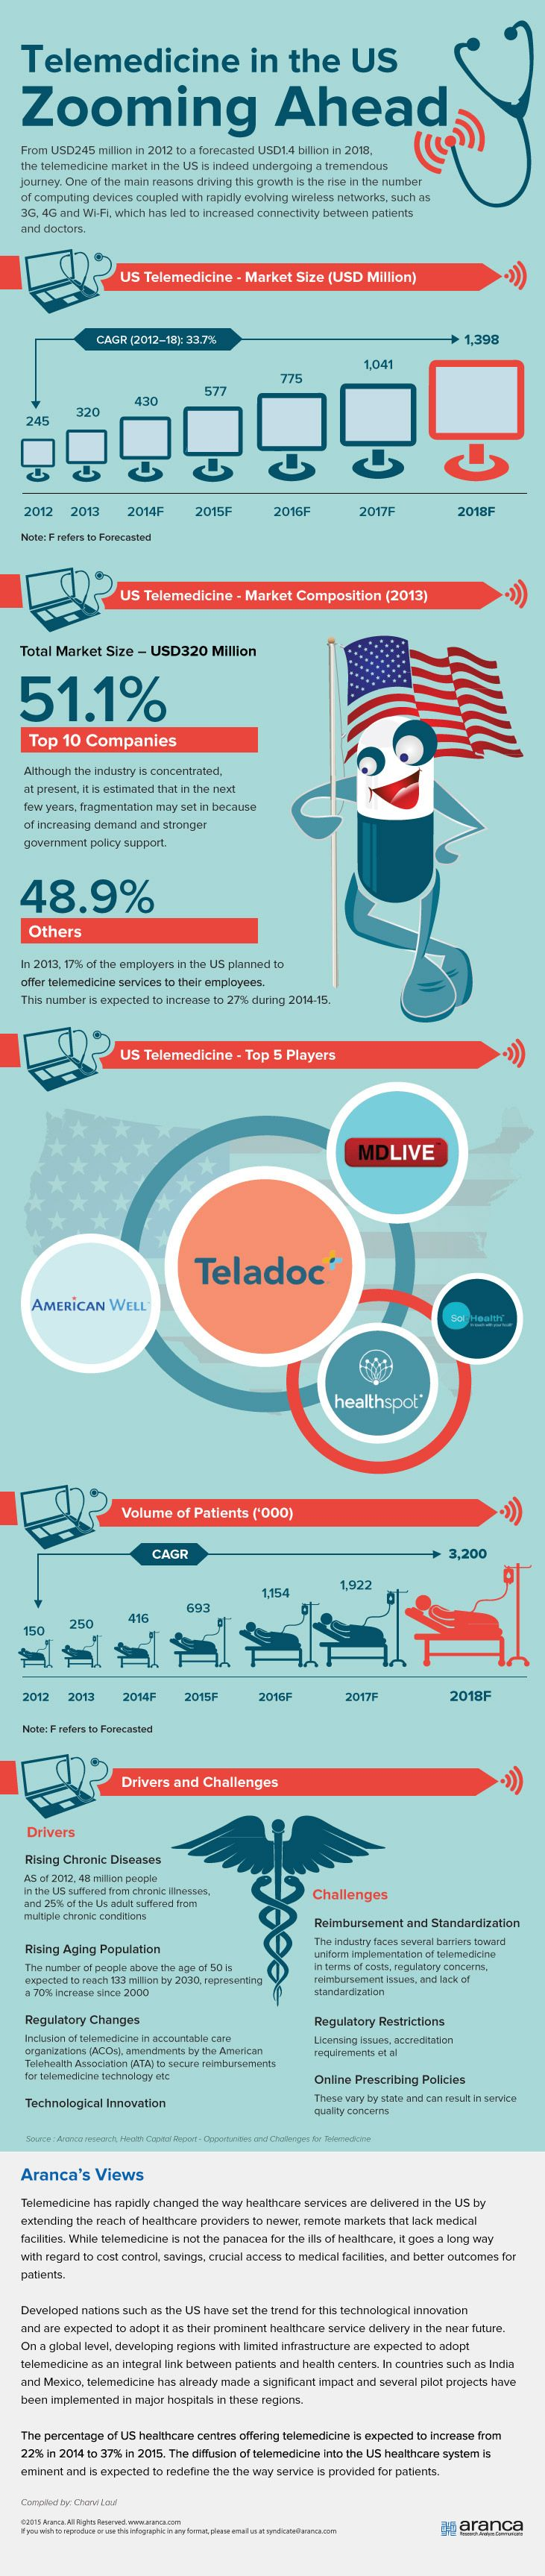 US Telemedicine Market is Set for CAGR of 33.7% in 2018